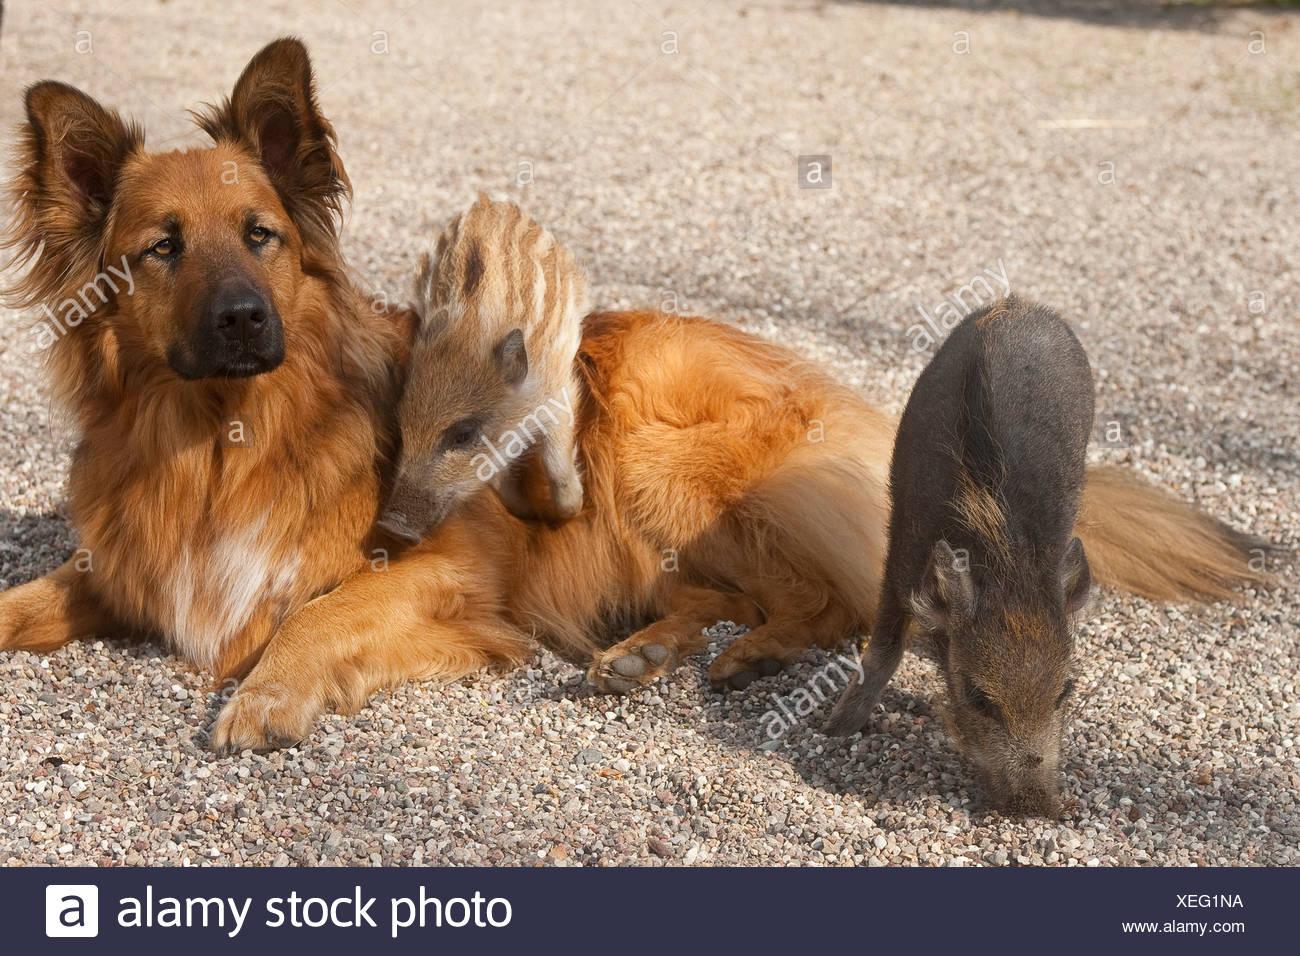 wild boar, pig, wild boar (Sus scrofa), piglets climbing on